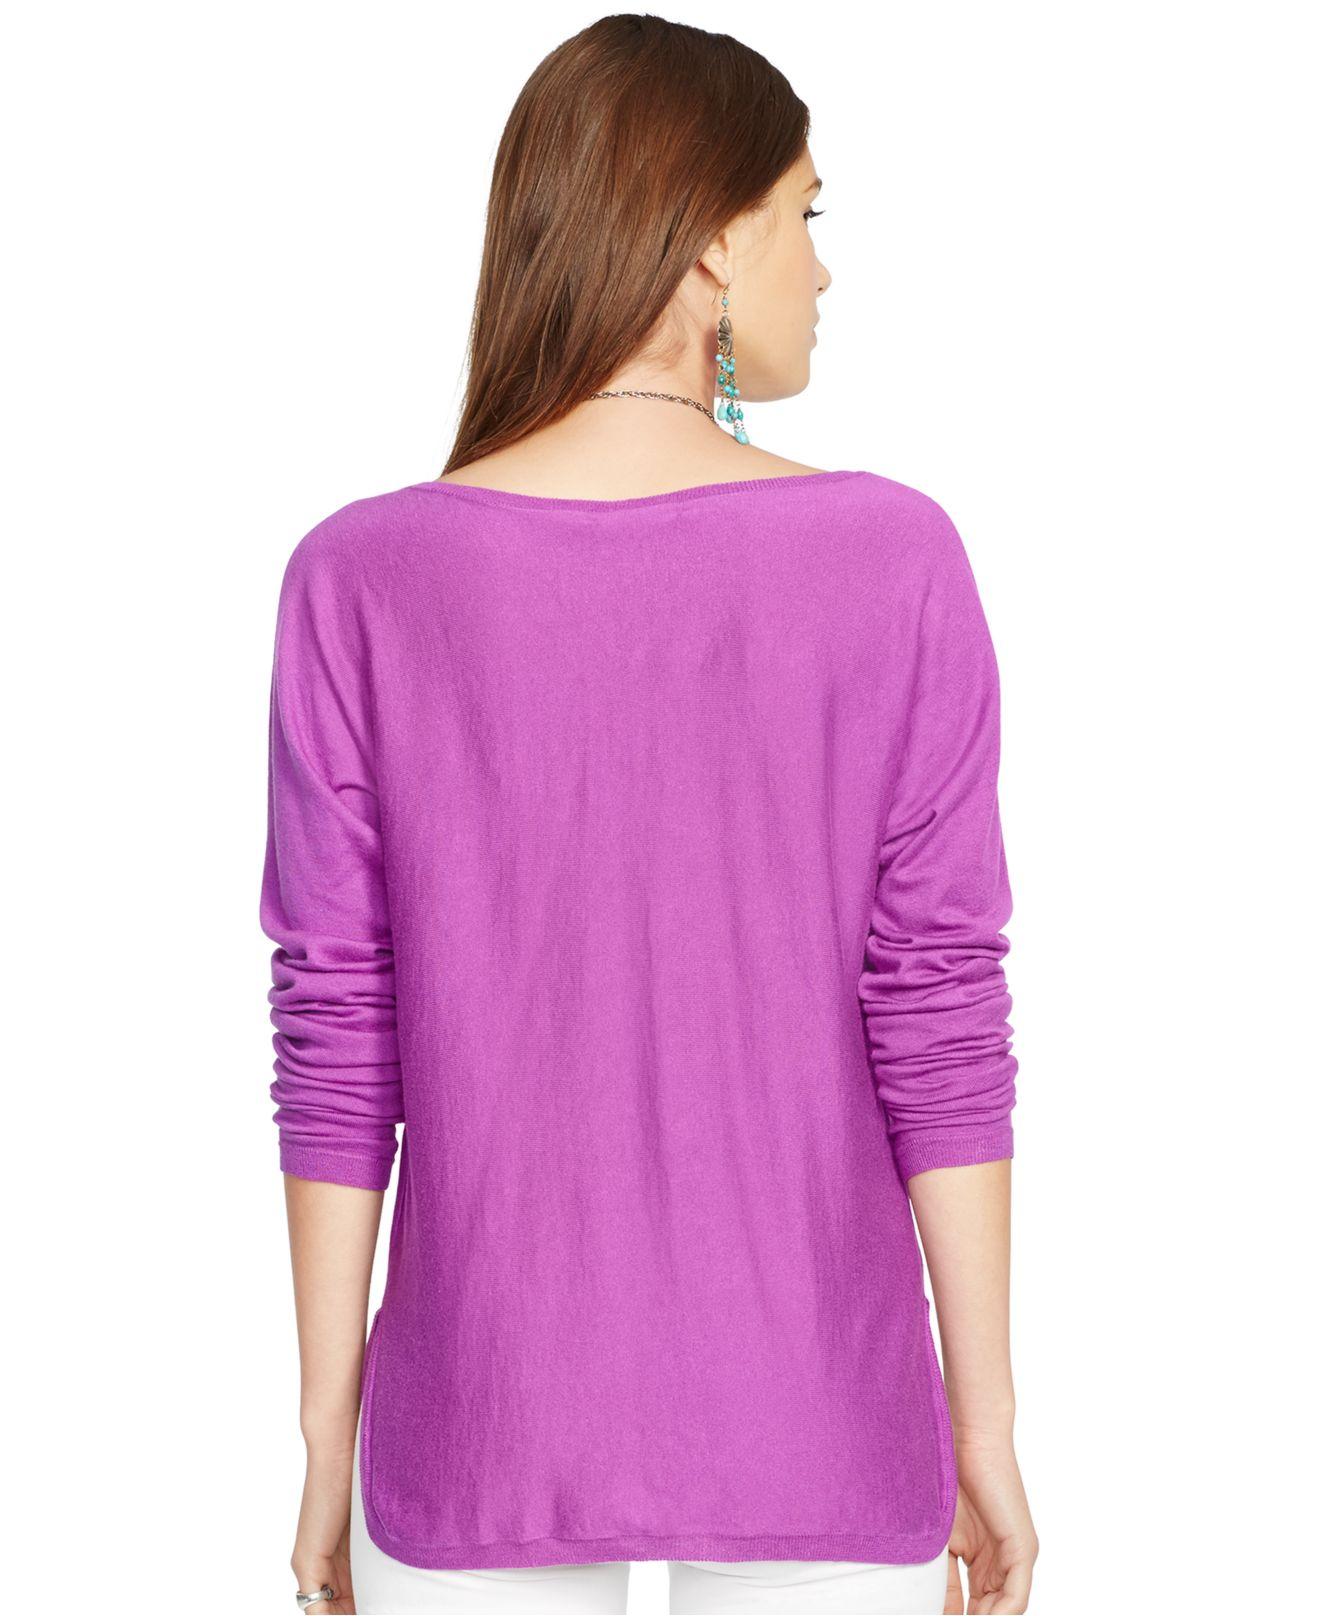 Polo ralph lauren Dolman-Sleeve Merino Wool Sweater in Purple | Lyst